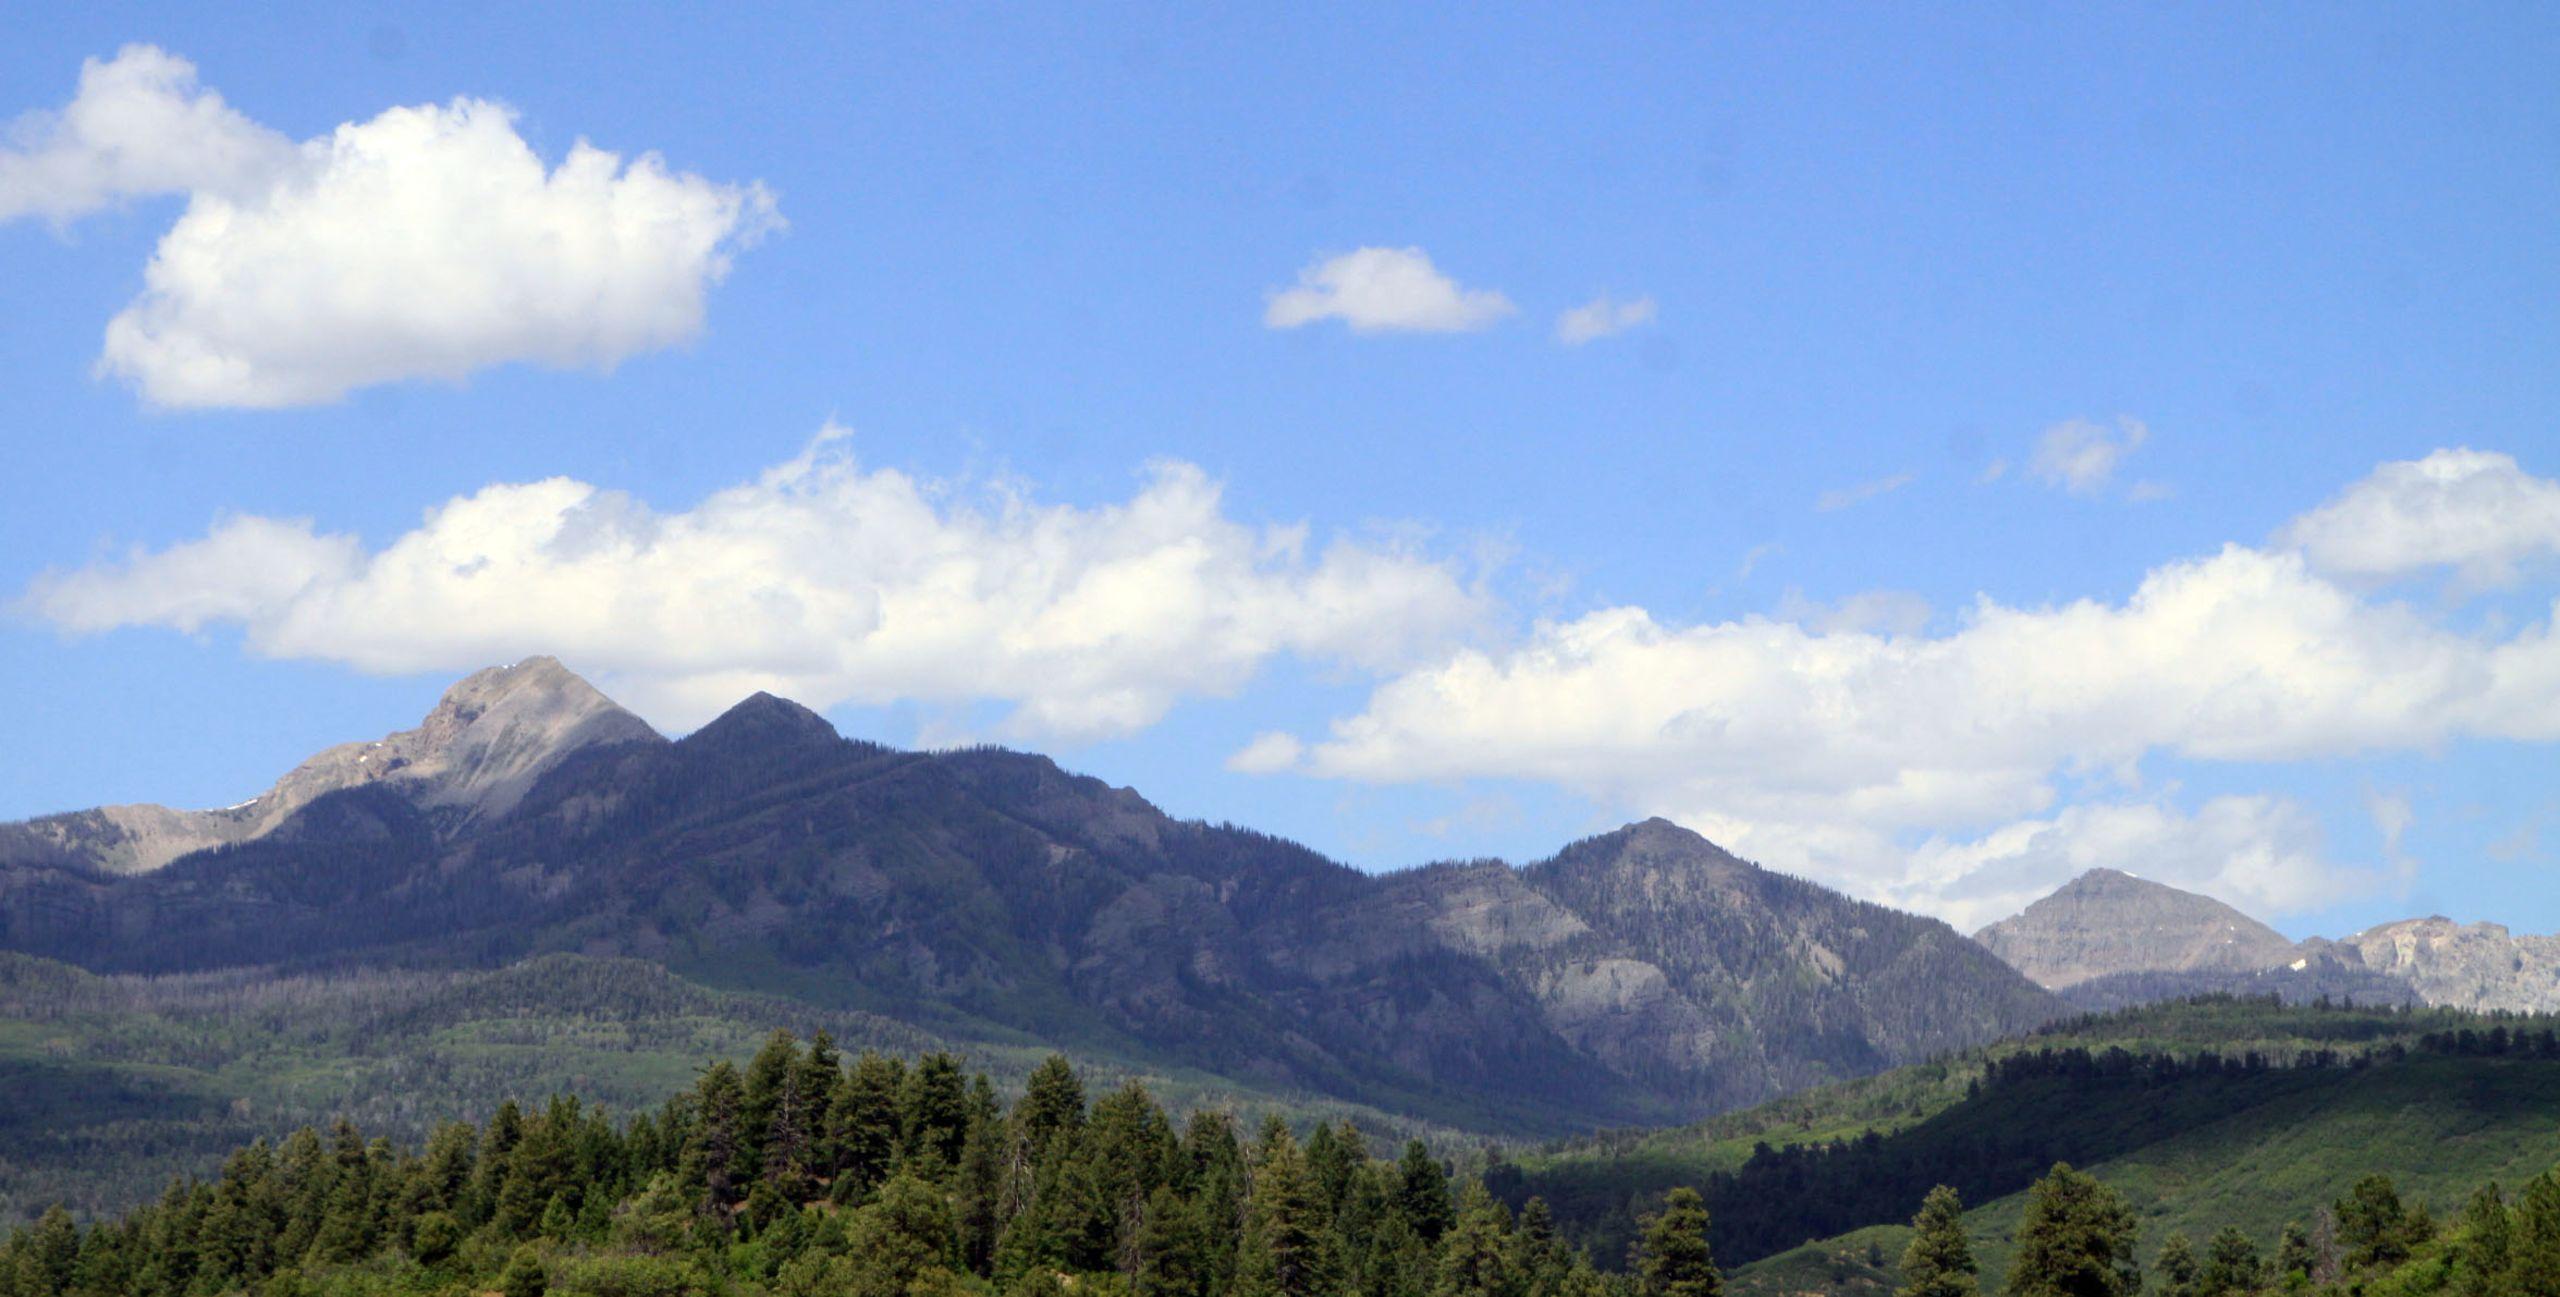 Pagosa Springs